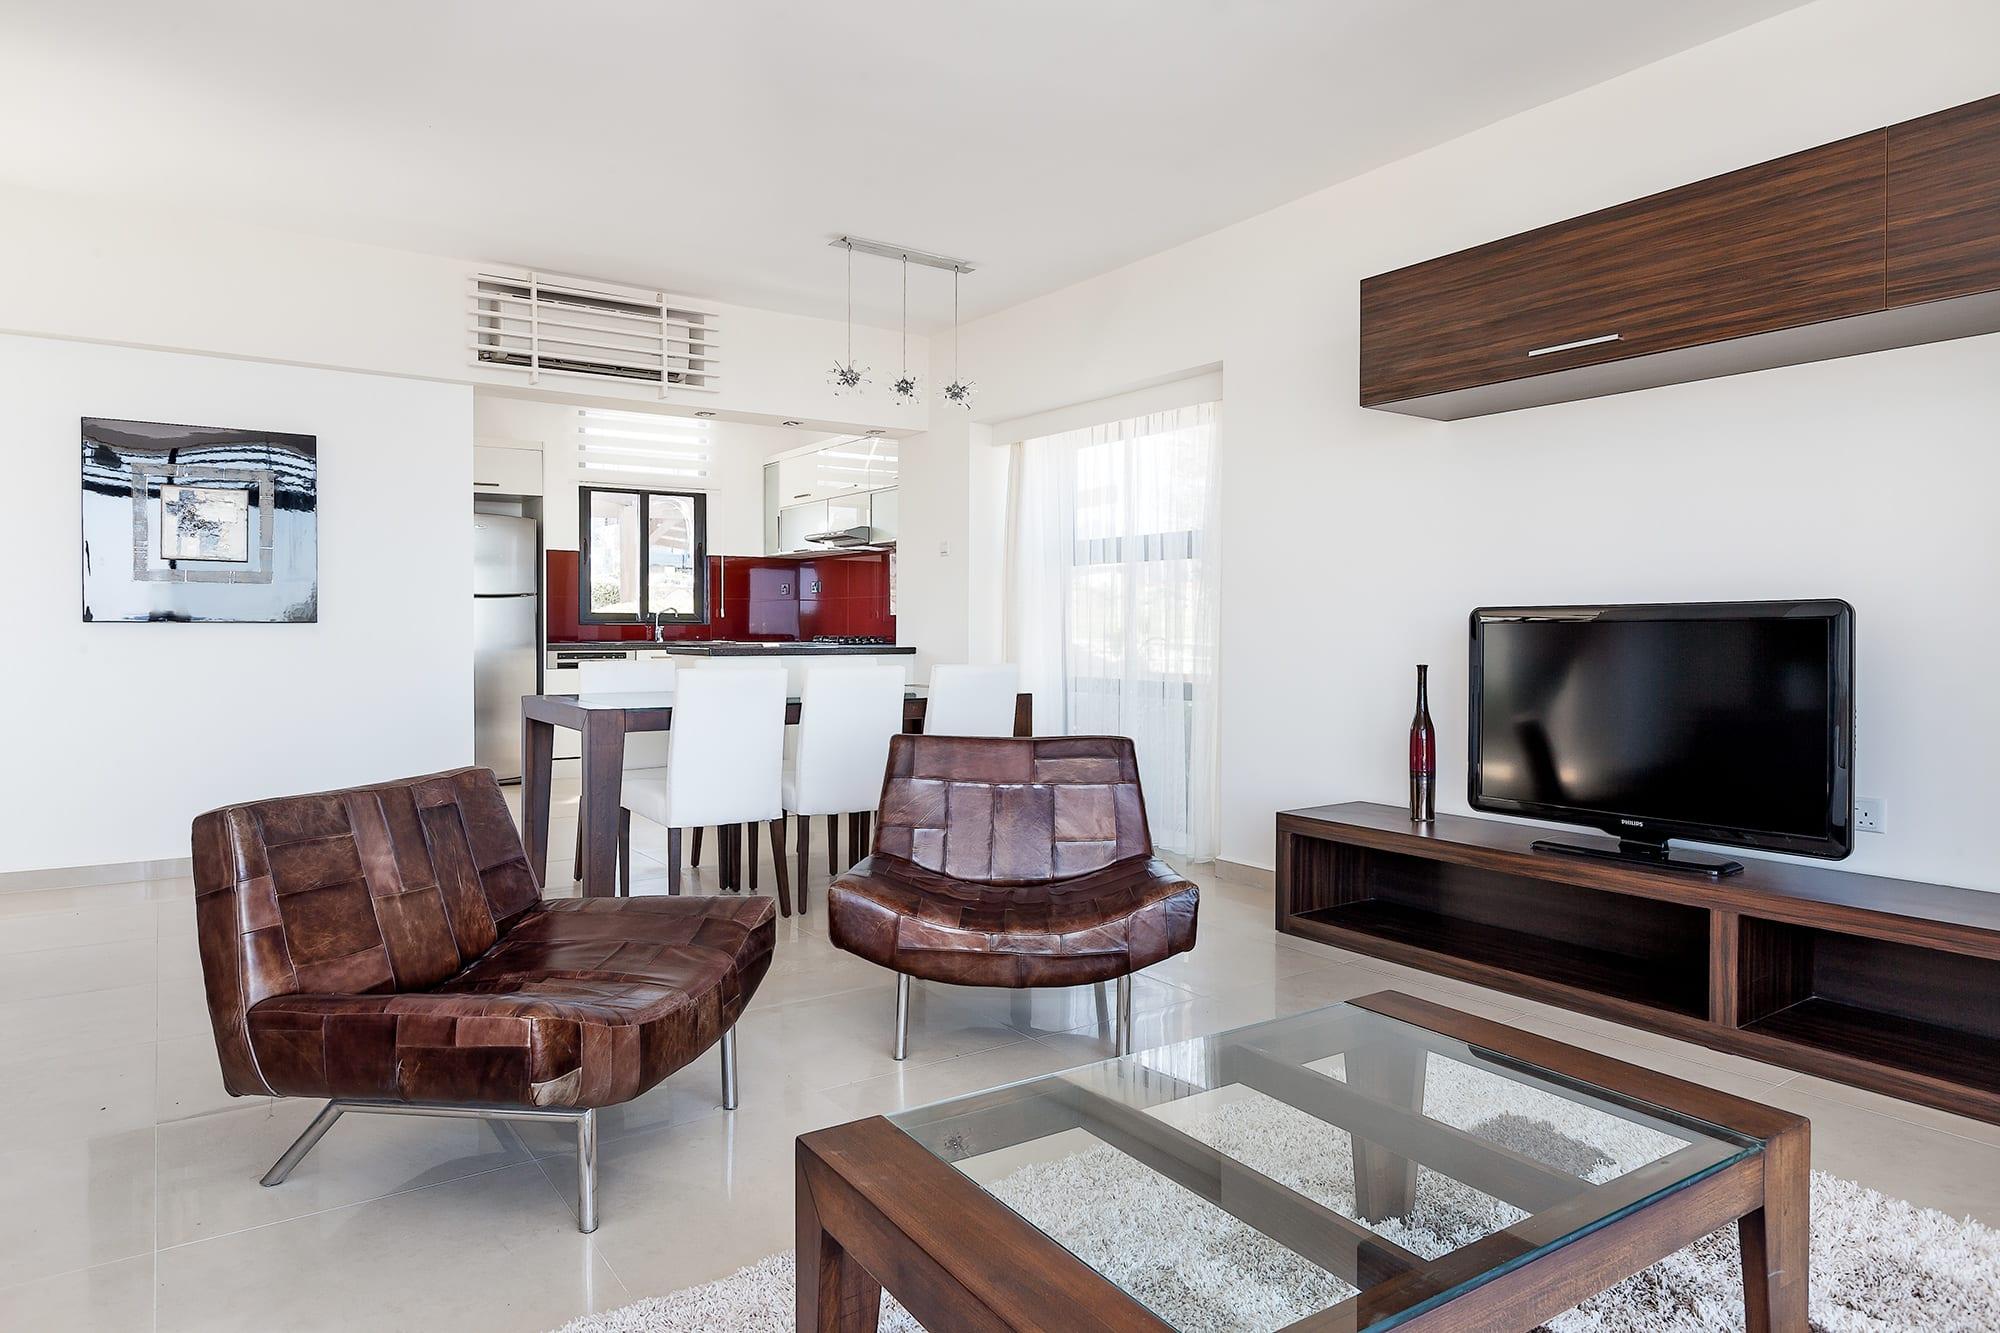 Bahçeli'de Satılık Denize Sıfır 3 Yatak Odalı ve Özel Havuzlu Villalar 9868